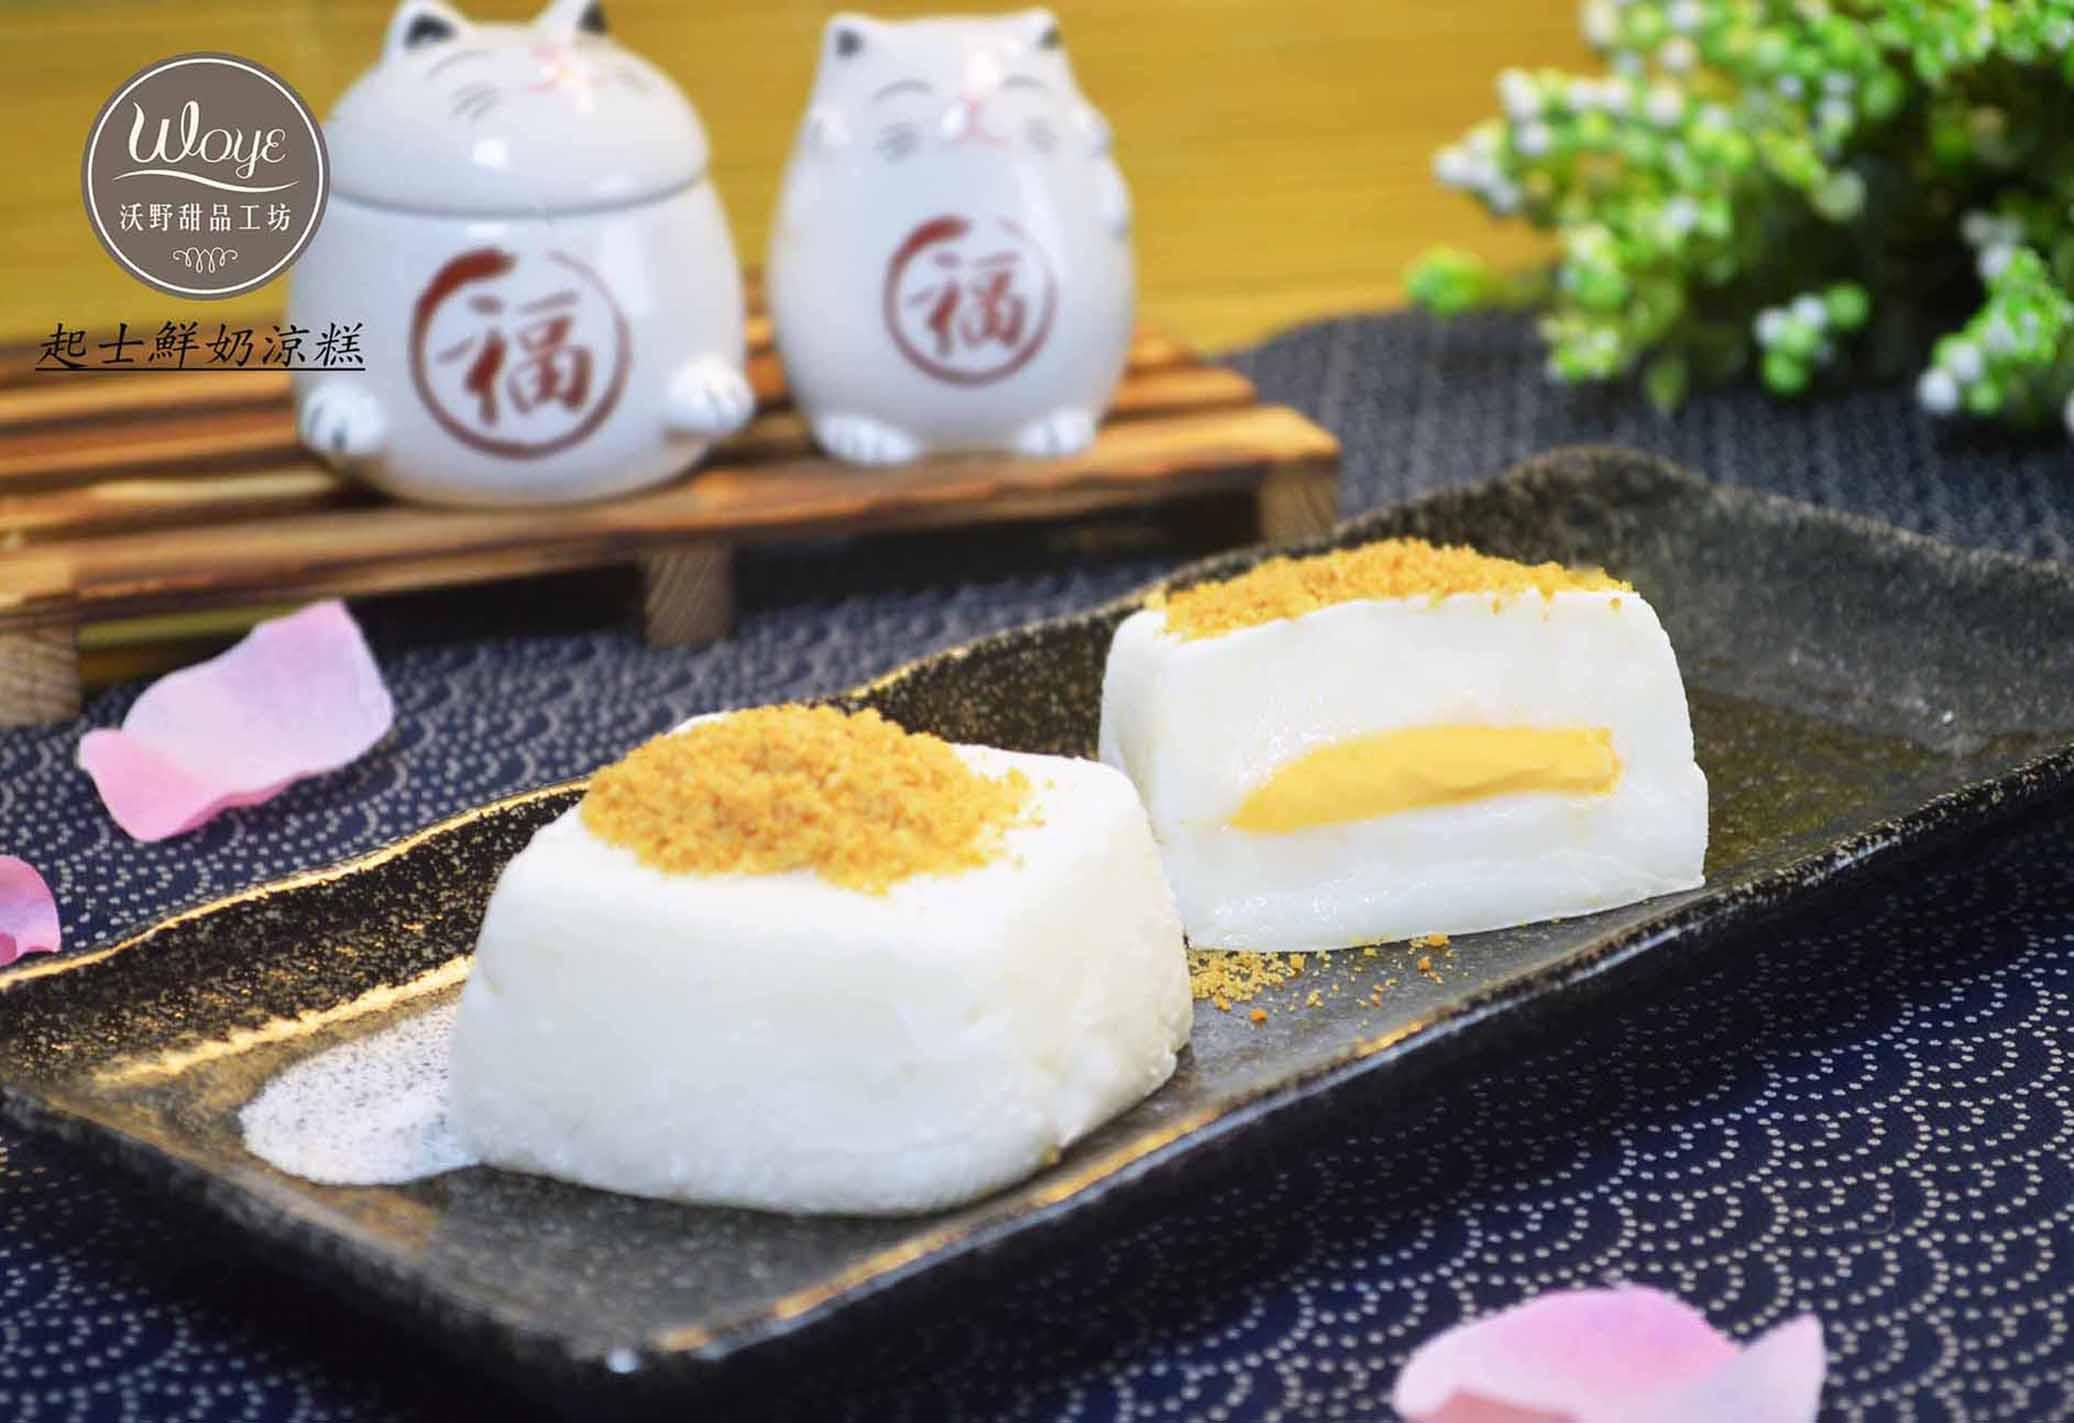 沃野甜品工坊 起士鮮奶涼糕(6入裝)